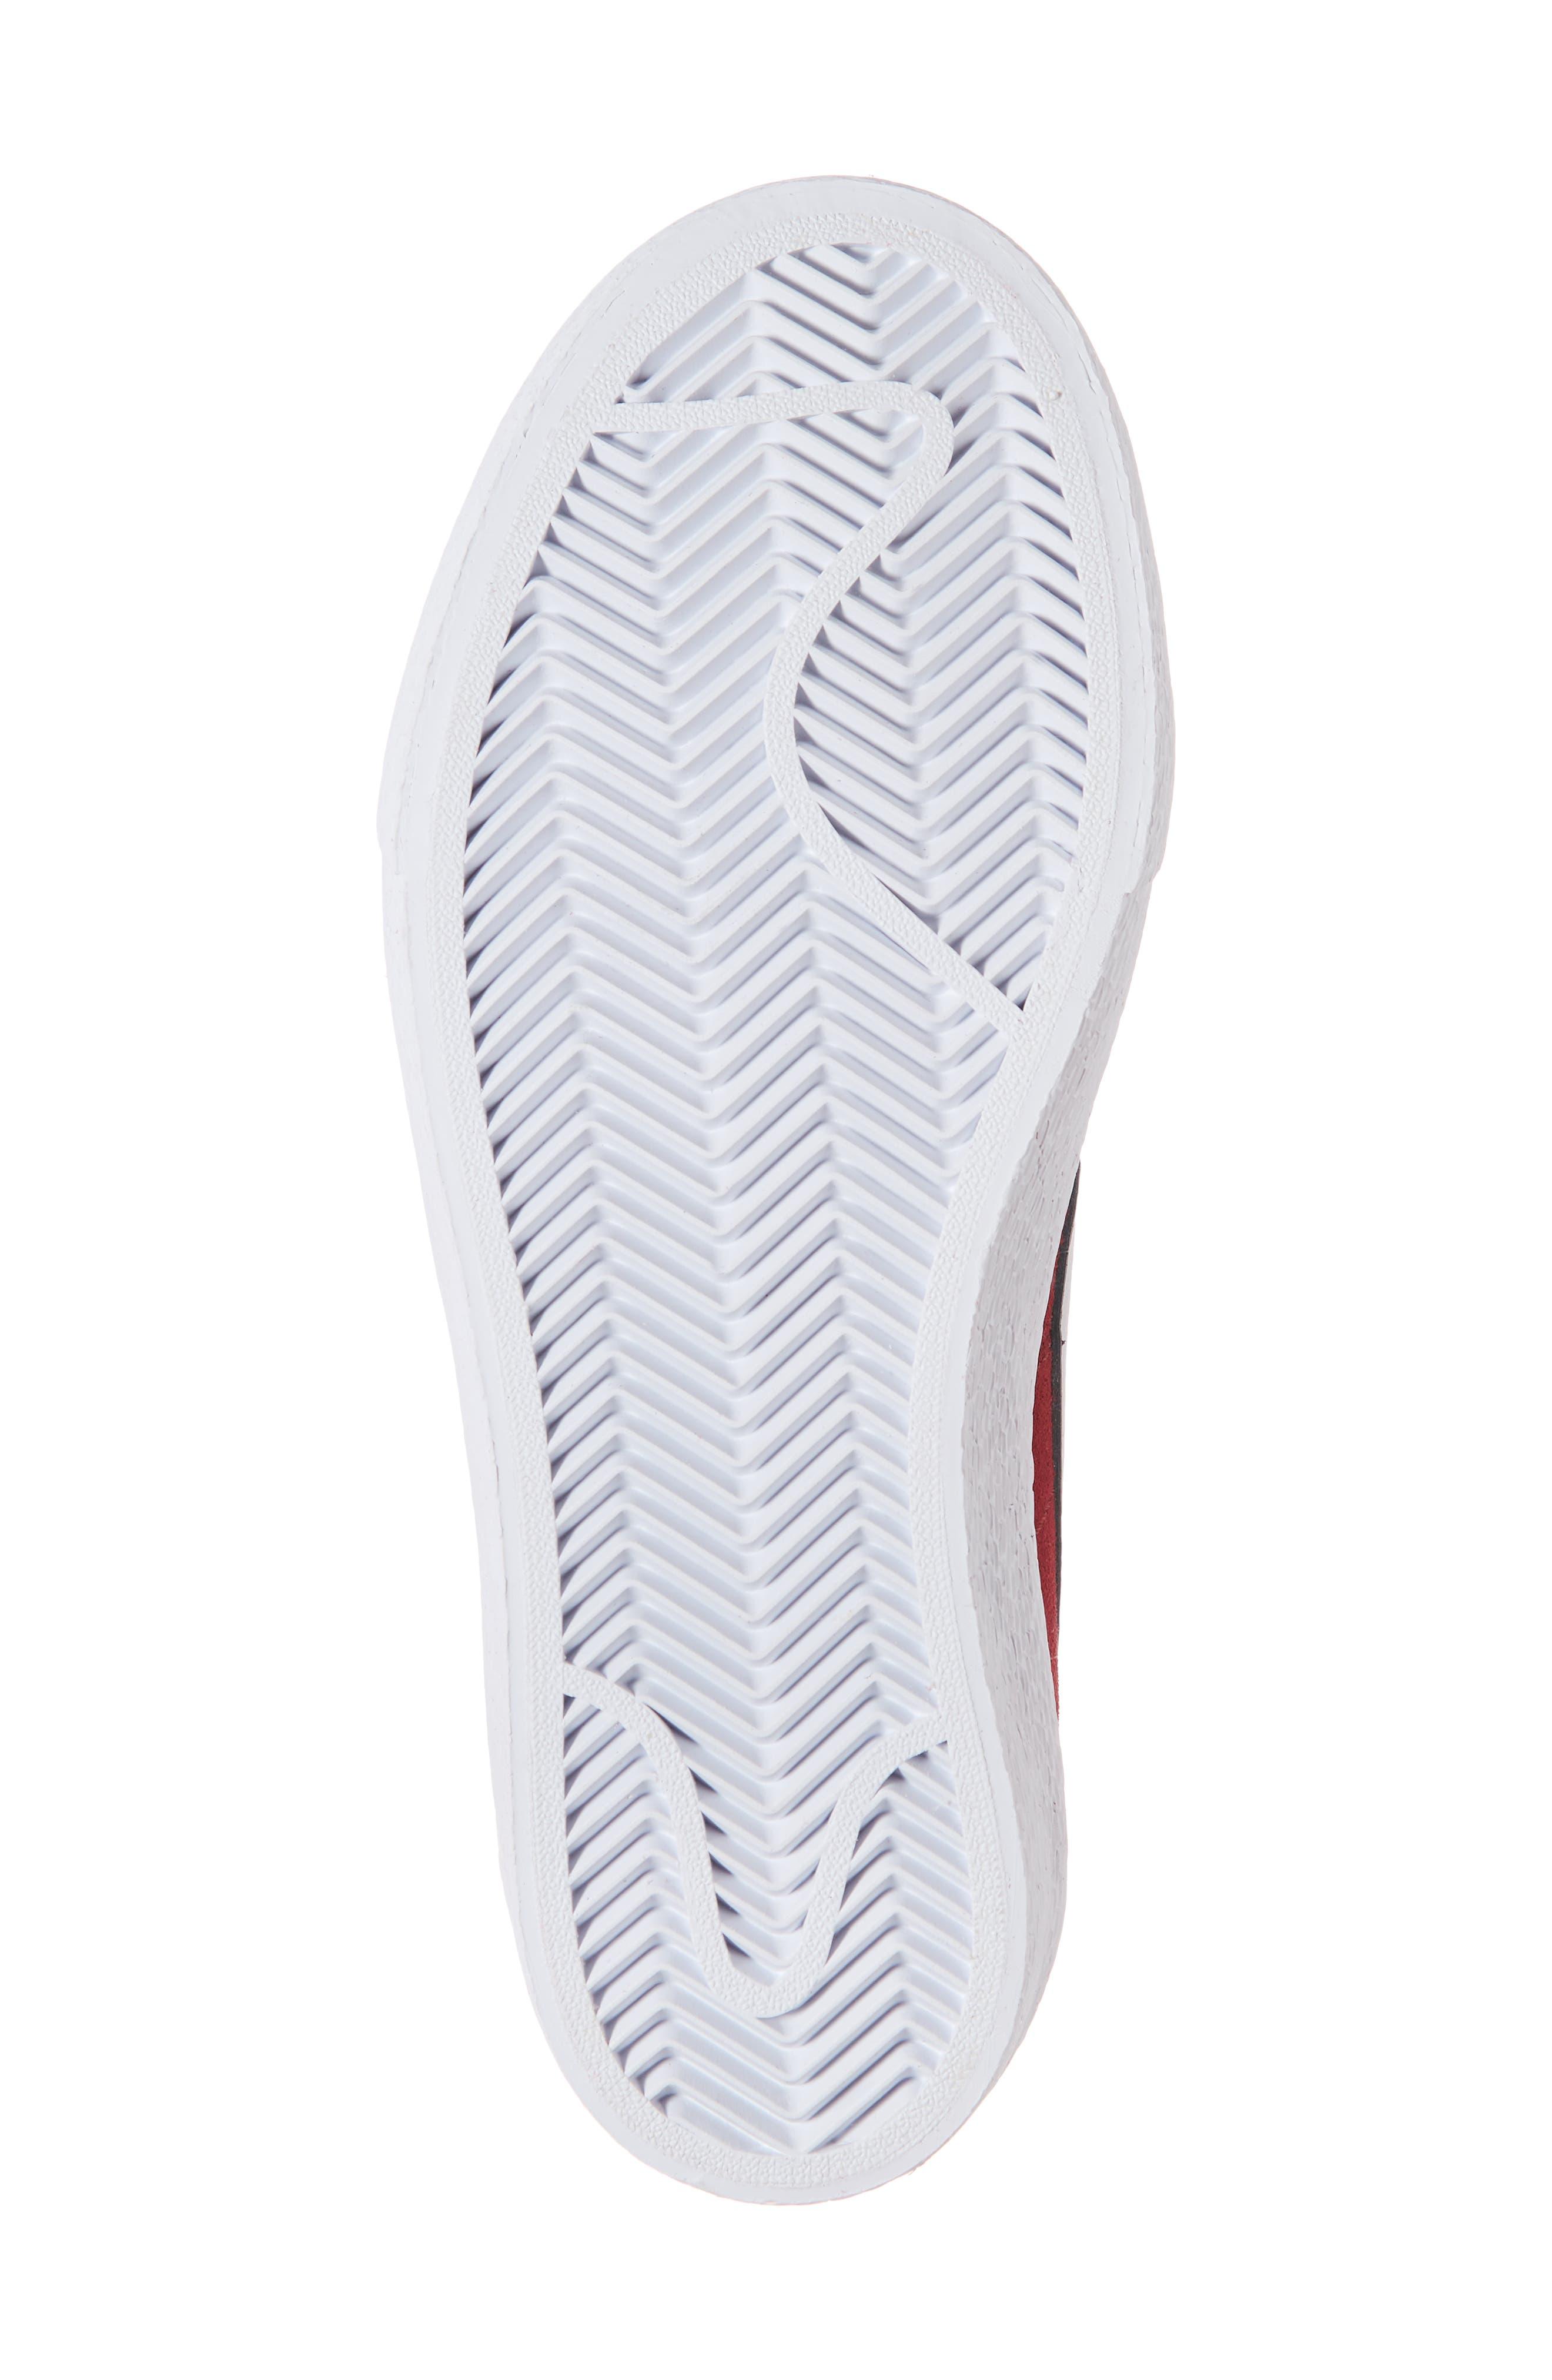 SB Bruin Hi Skateboarding Sneaker,                             Alternate thumbnail 3, color,                             Red Crush/ Vast Grey/ White